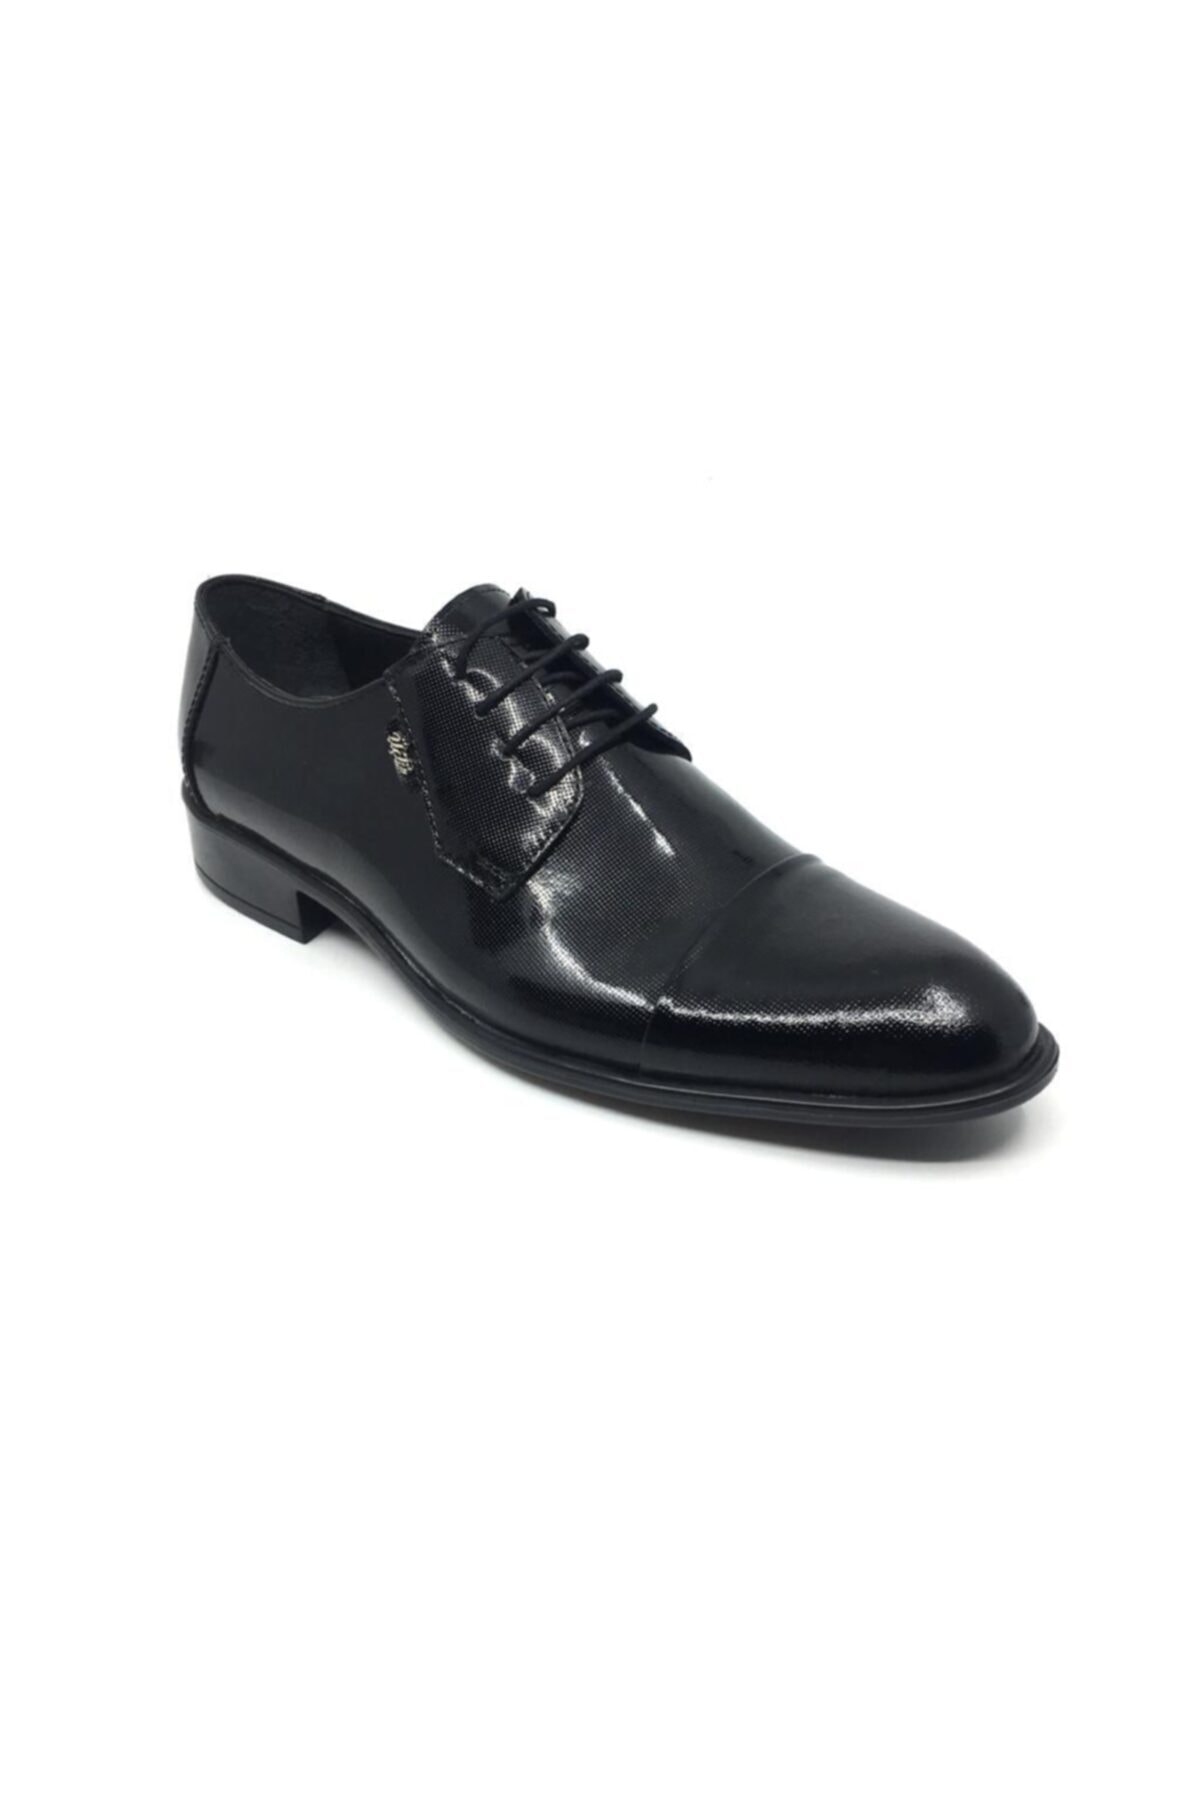 Taşpınar Erkek Siyah Üçlü Deri Klasik Yazlık Ayakkabı 1